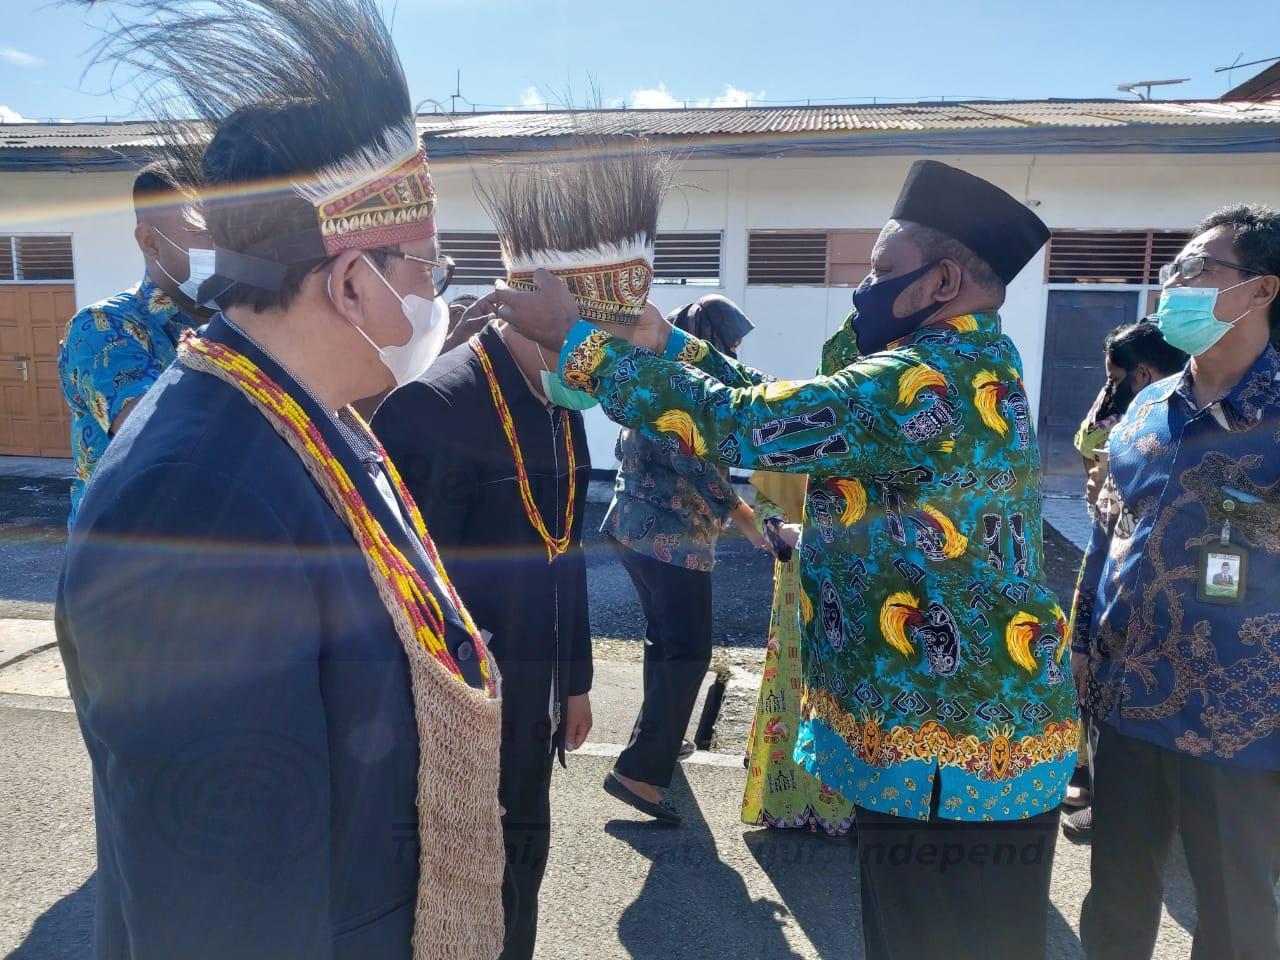 Tiba di Manokwari, Wakil Menteri Agama Disambut Prosesi Adat Injak Piring 15 IMG 20200821 WA0006